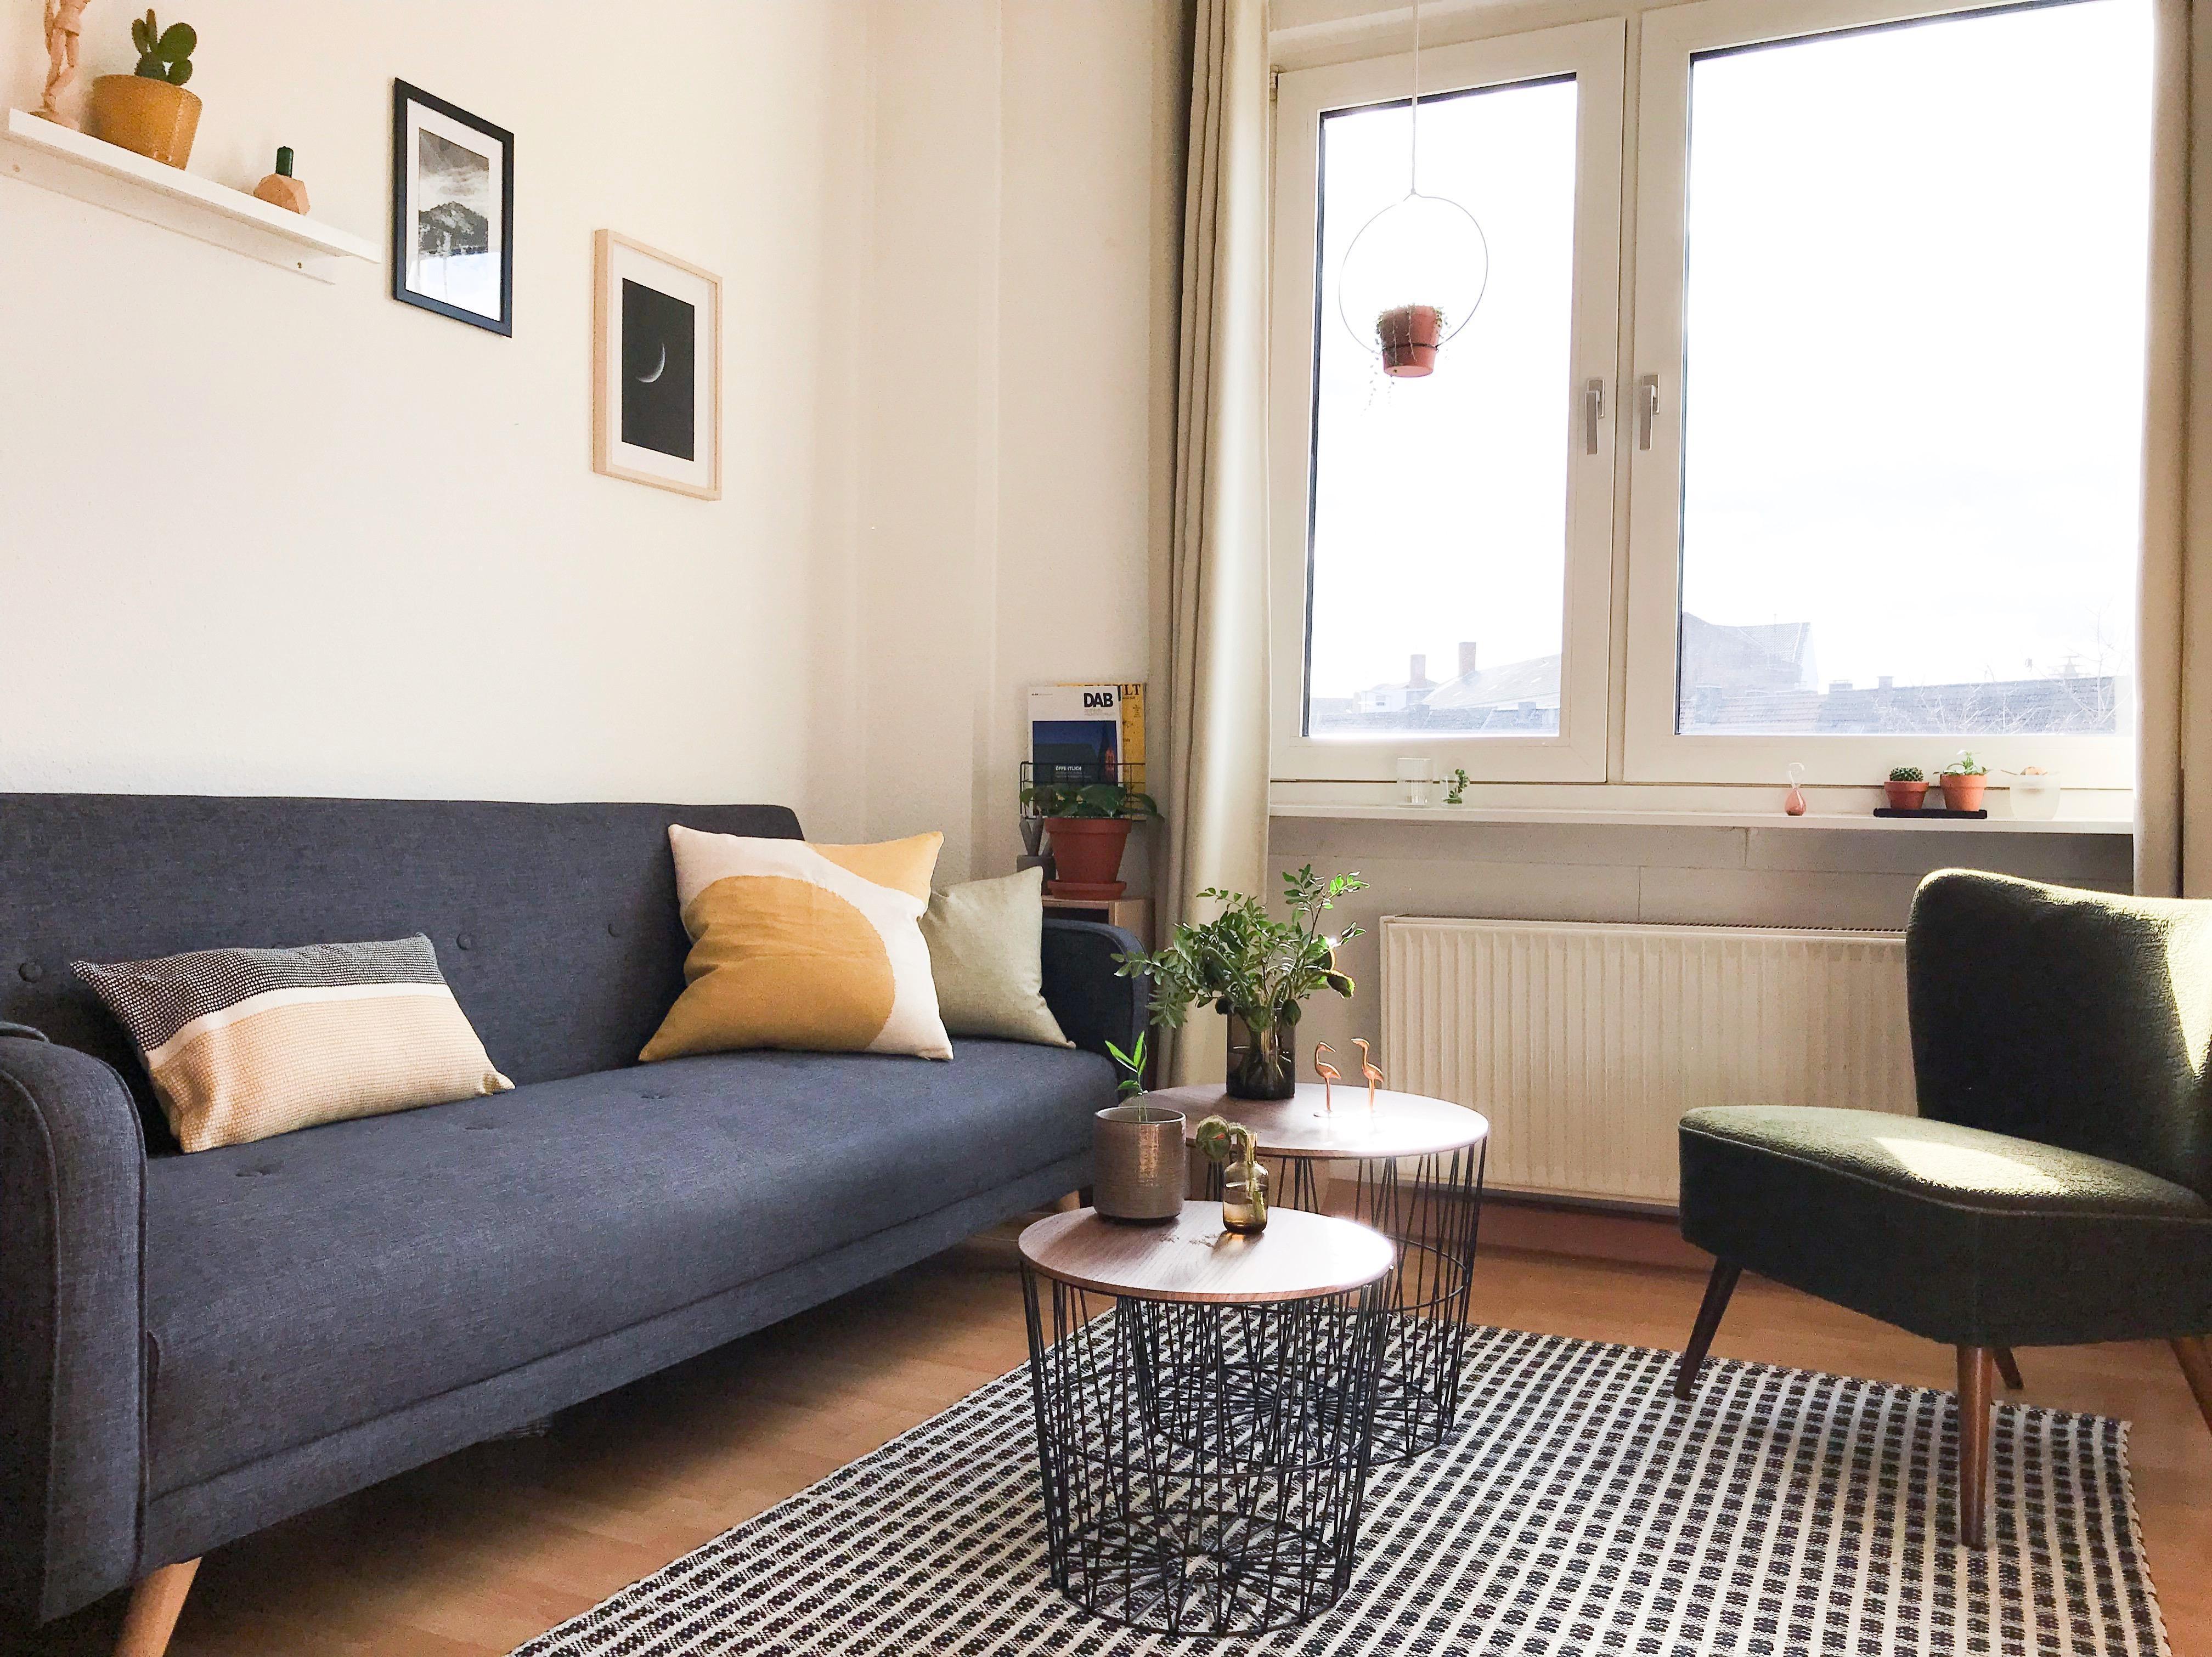 Wohnzimmer Deko Frhling Livingroom Scandi Couchstyle.